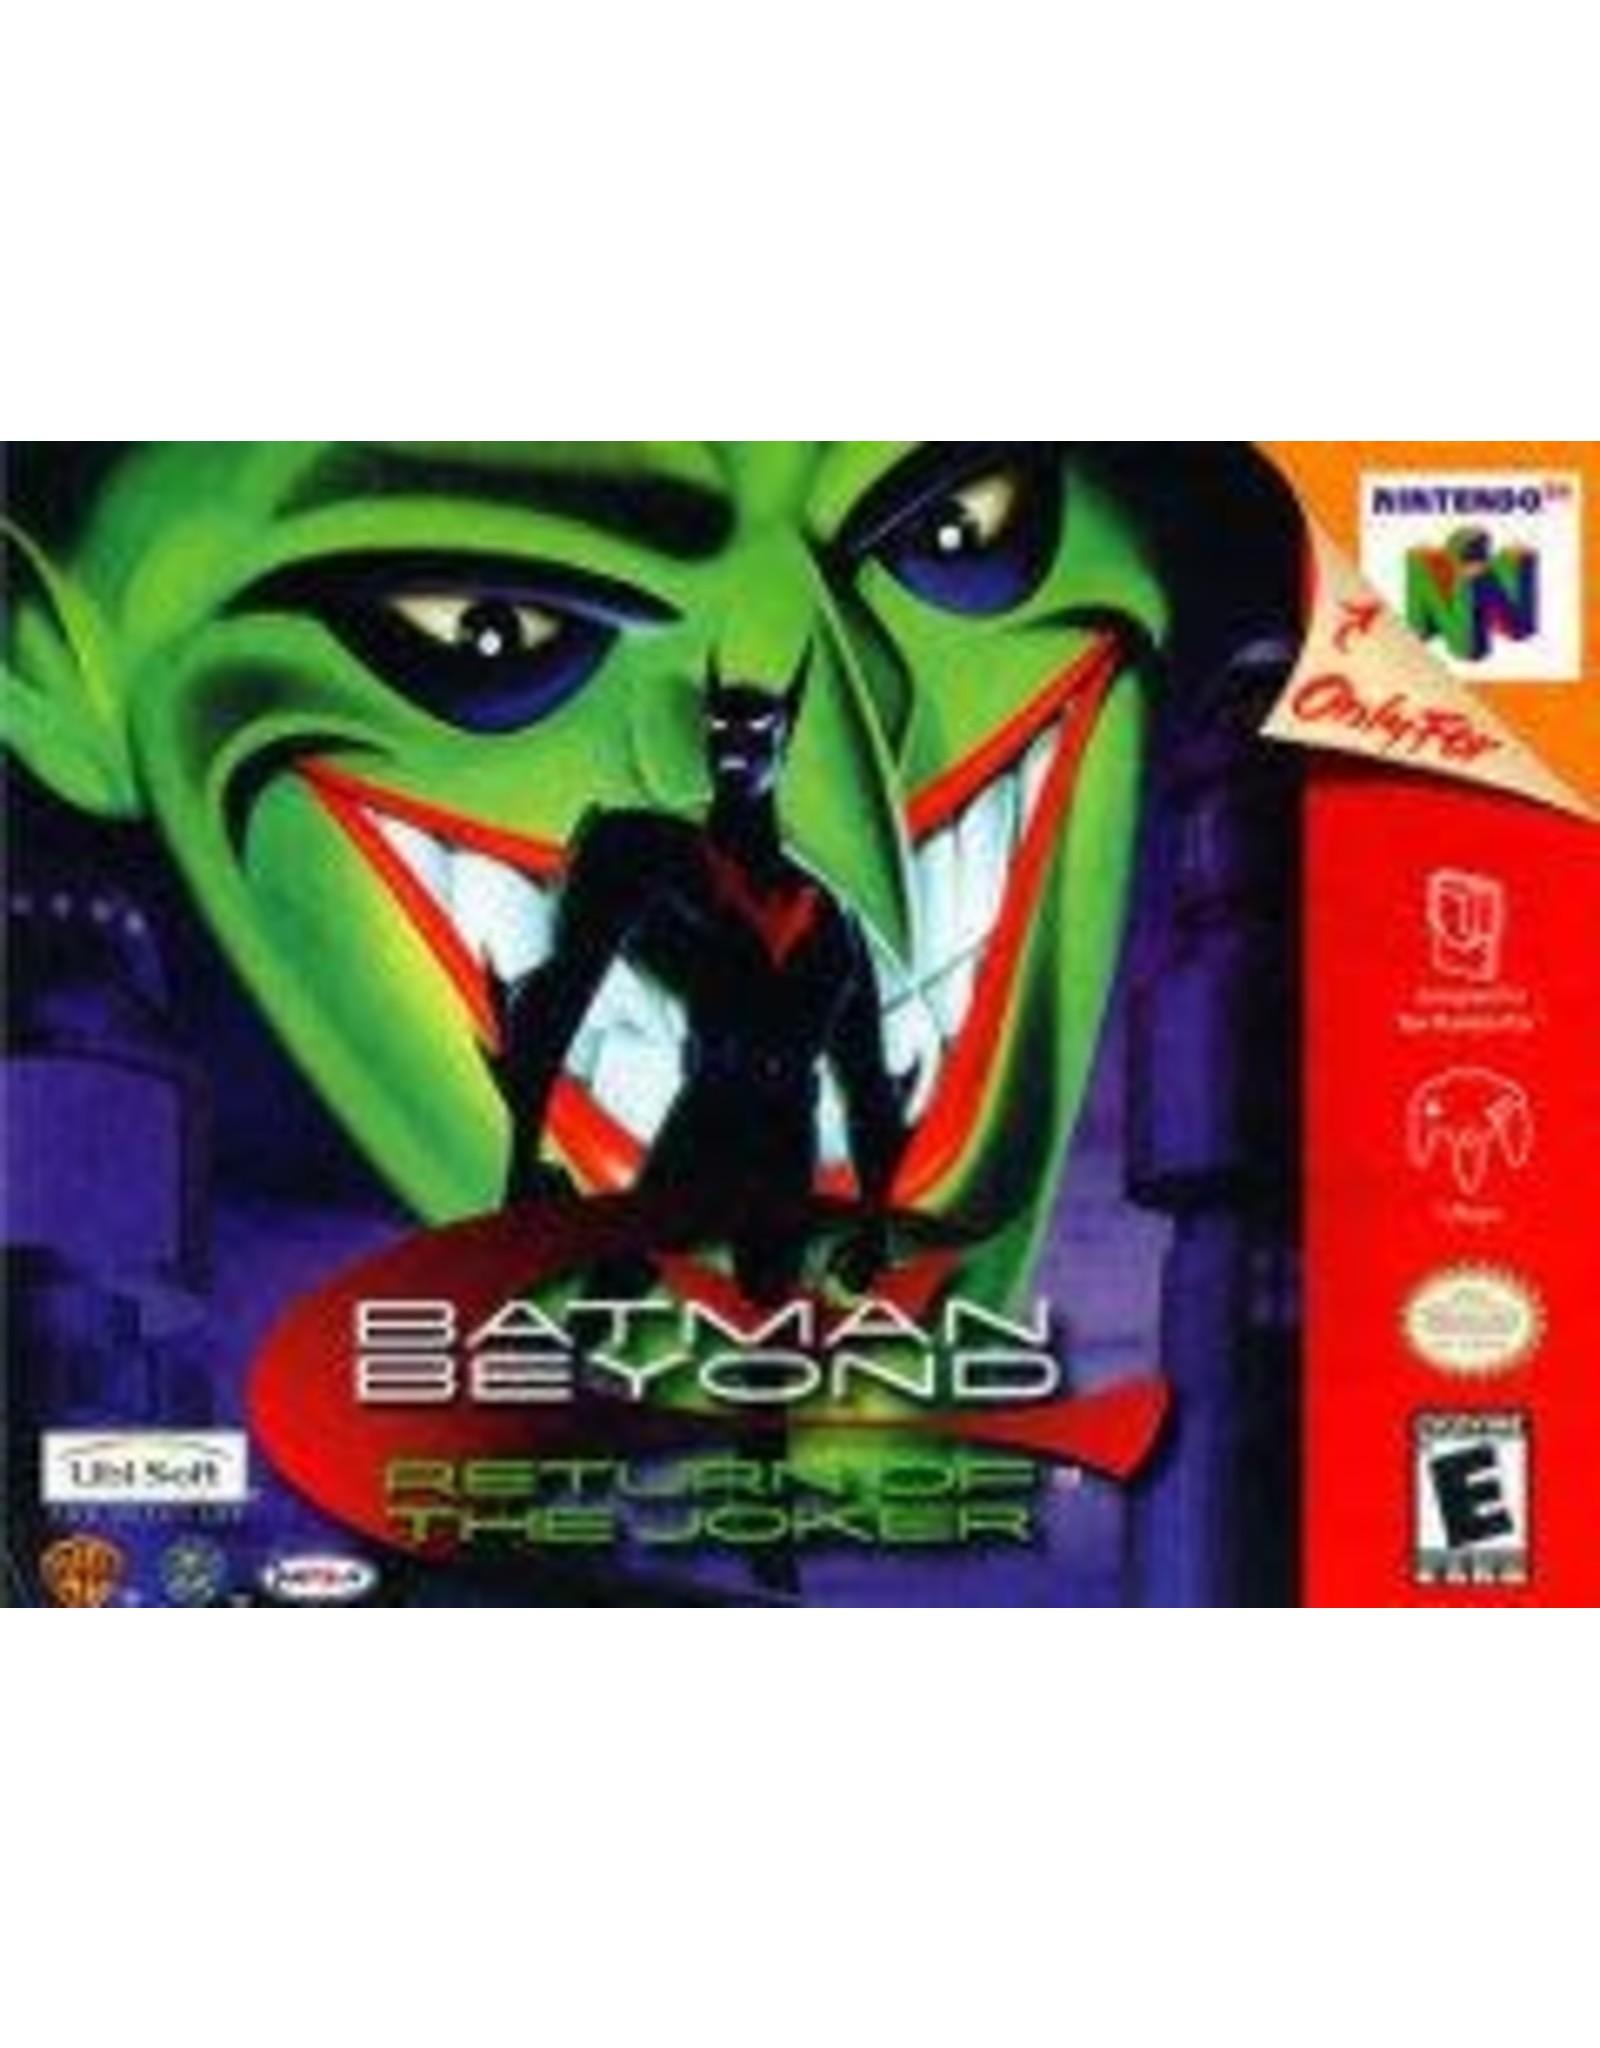 Nintendo 64 Batman Beyond (Cart Only)